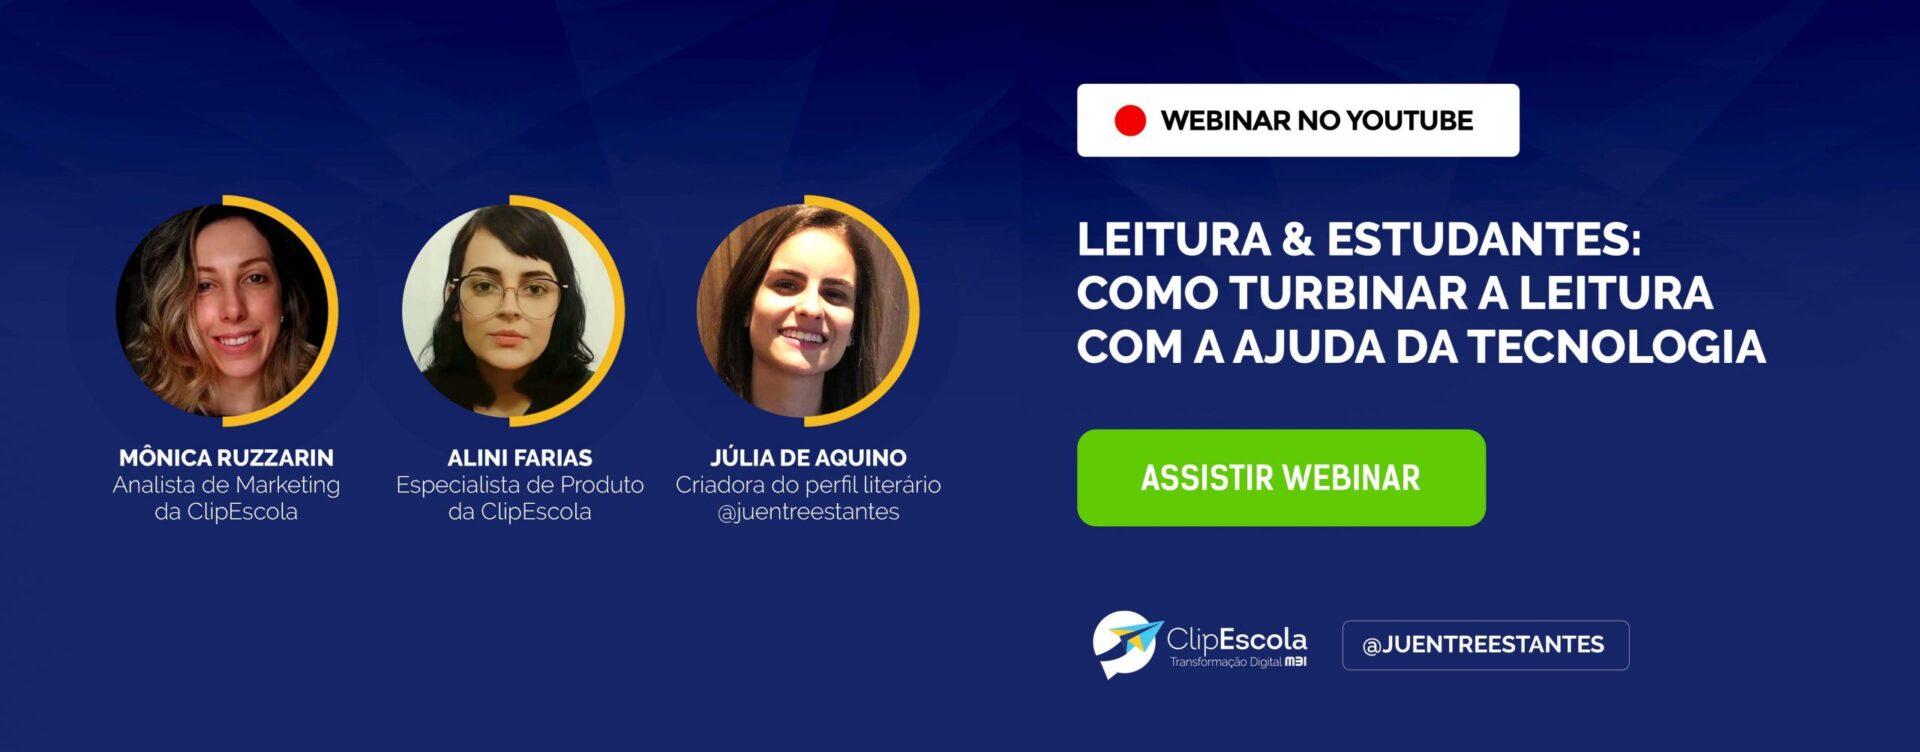 CTA_Webinar_Leituras e Estudantes